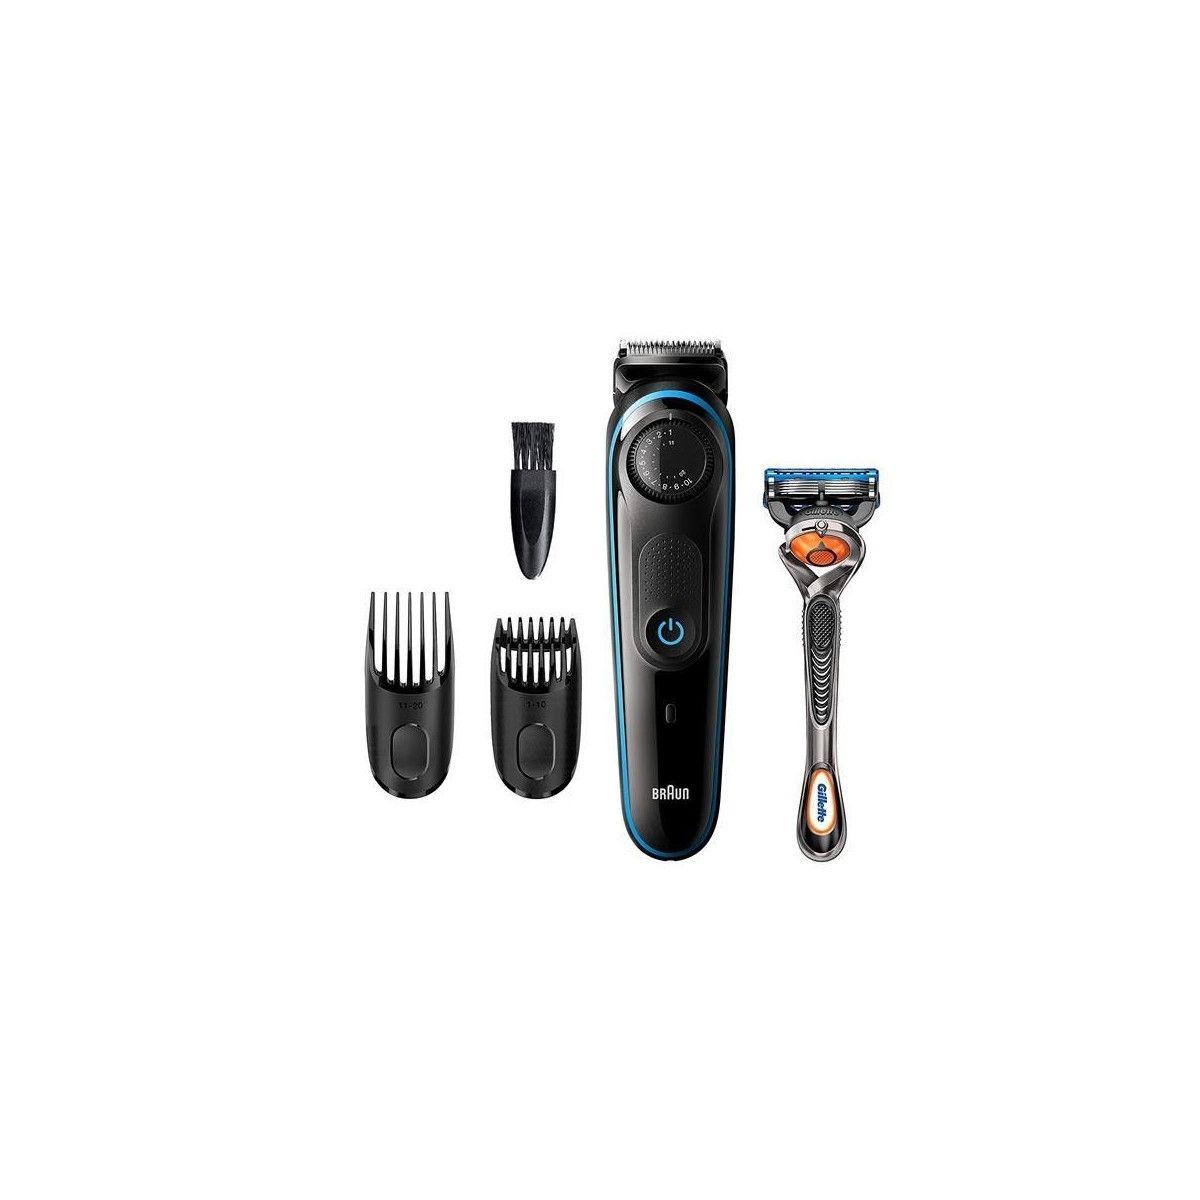 Tondeuses barbes et cheveux BT 3240